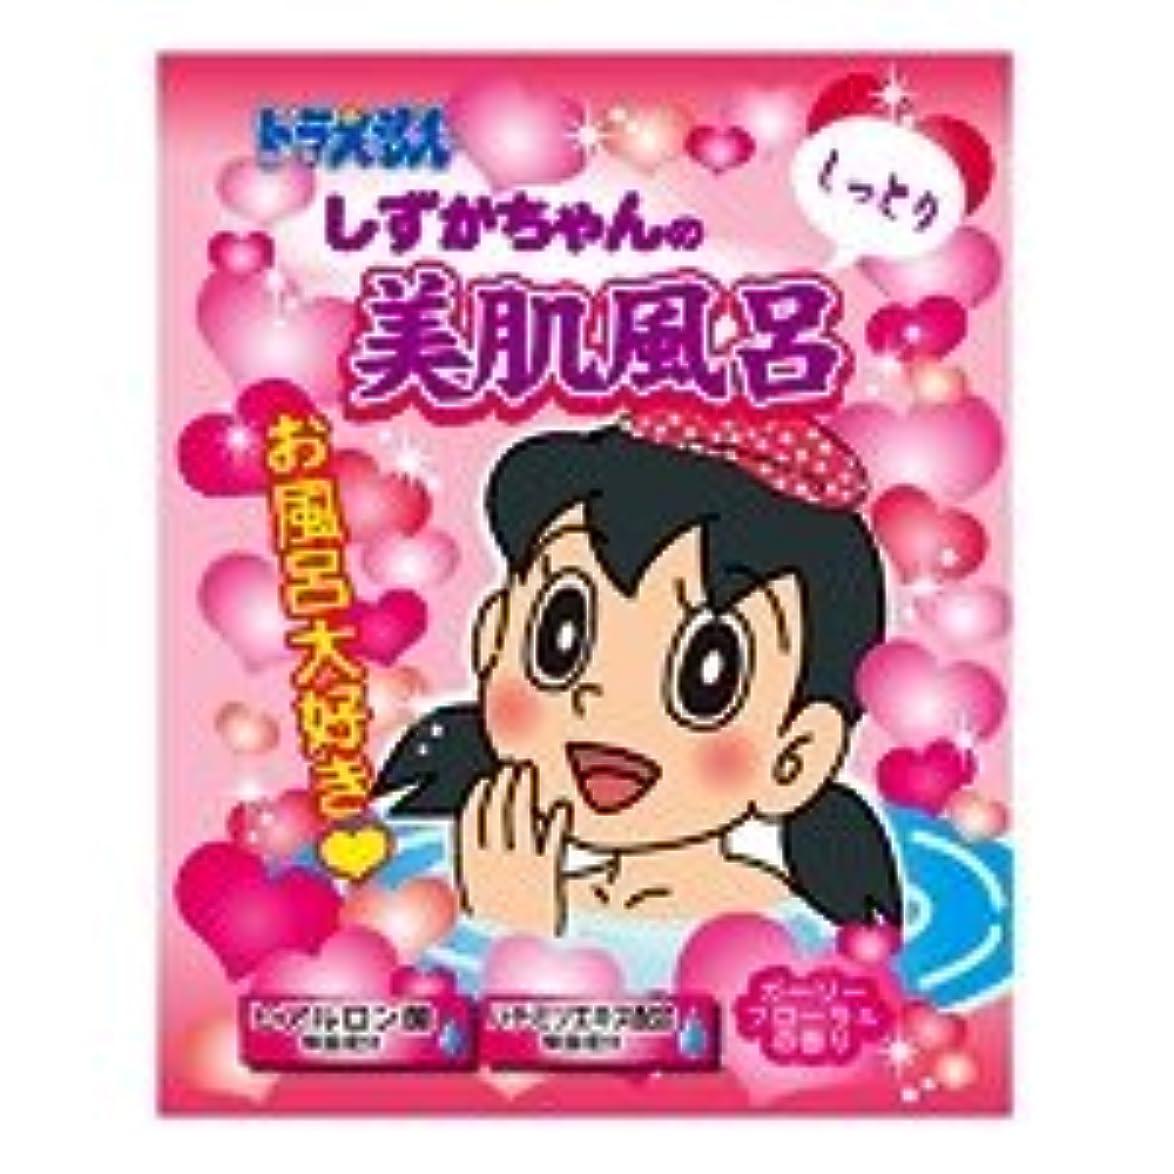 り魔術掻くドラえもんバスパウダー「しずかちゃんの美肌風呂」12個セット クリーミーピンクのお湯 かわいいお花ガーリーフローラルの香り